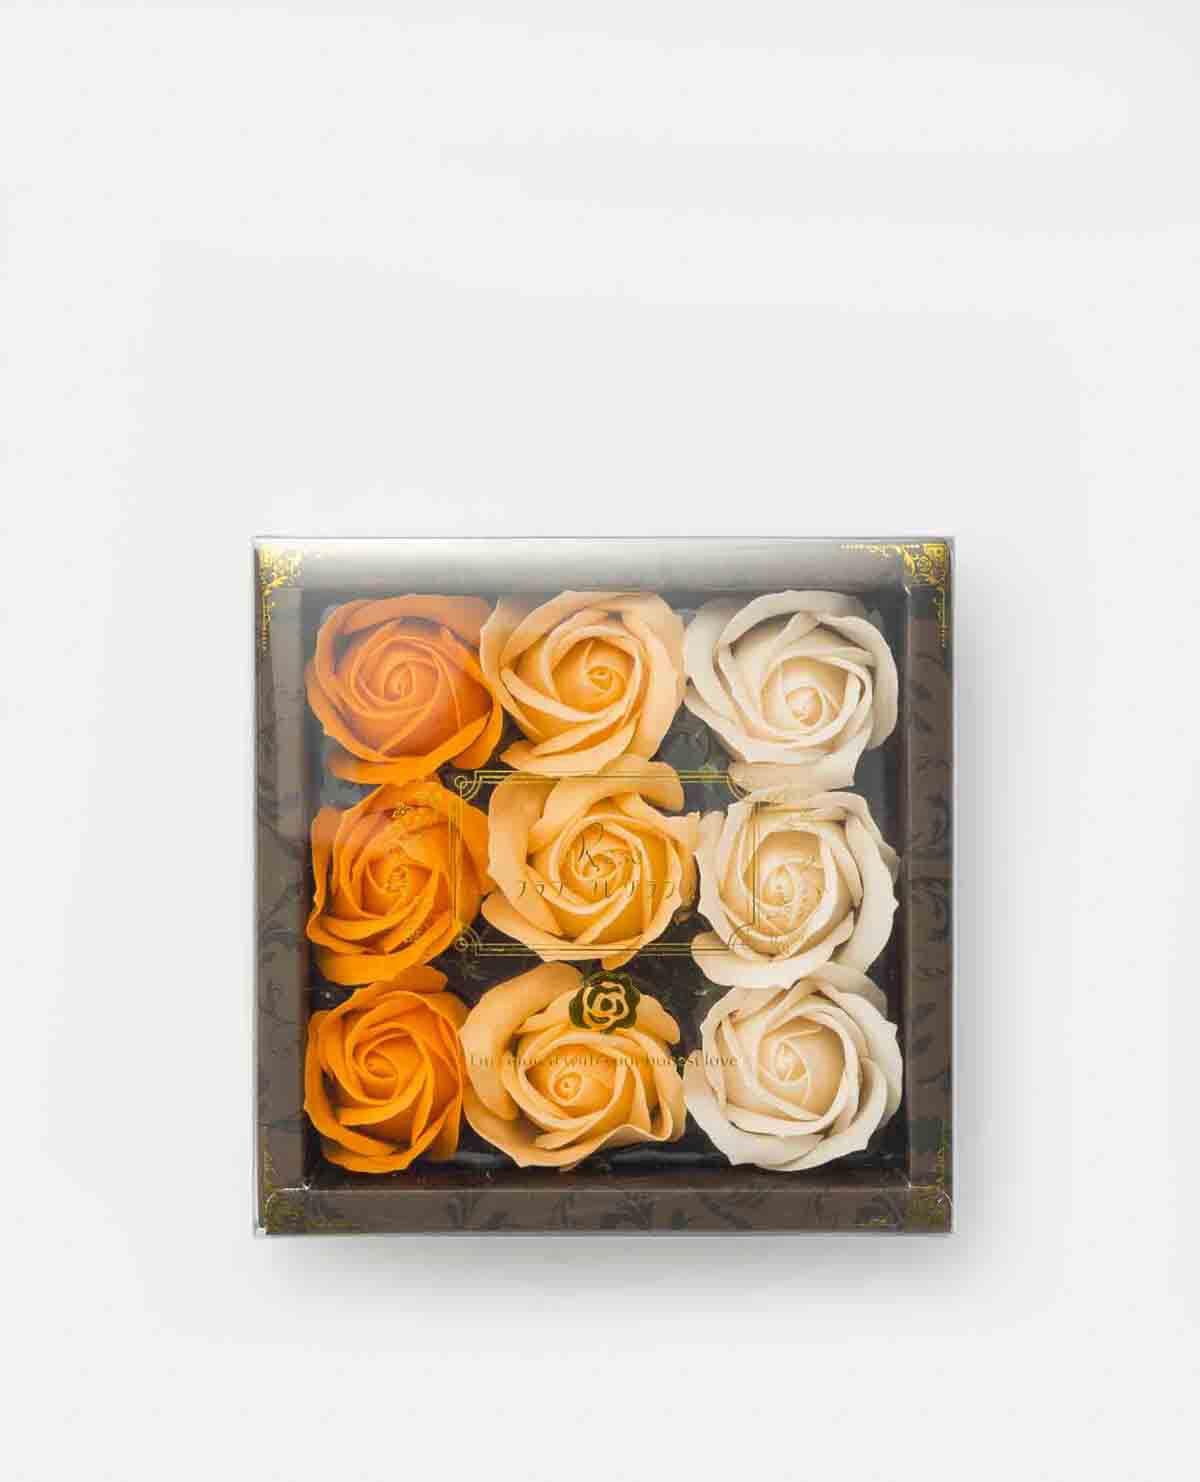 花 入浴剤 ローズ バラ グラデーション オレンジ